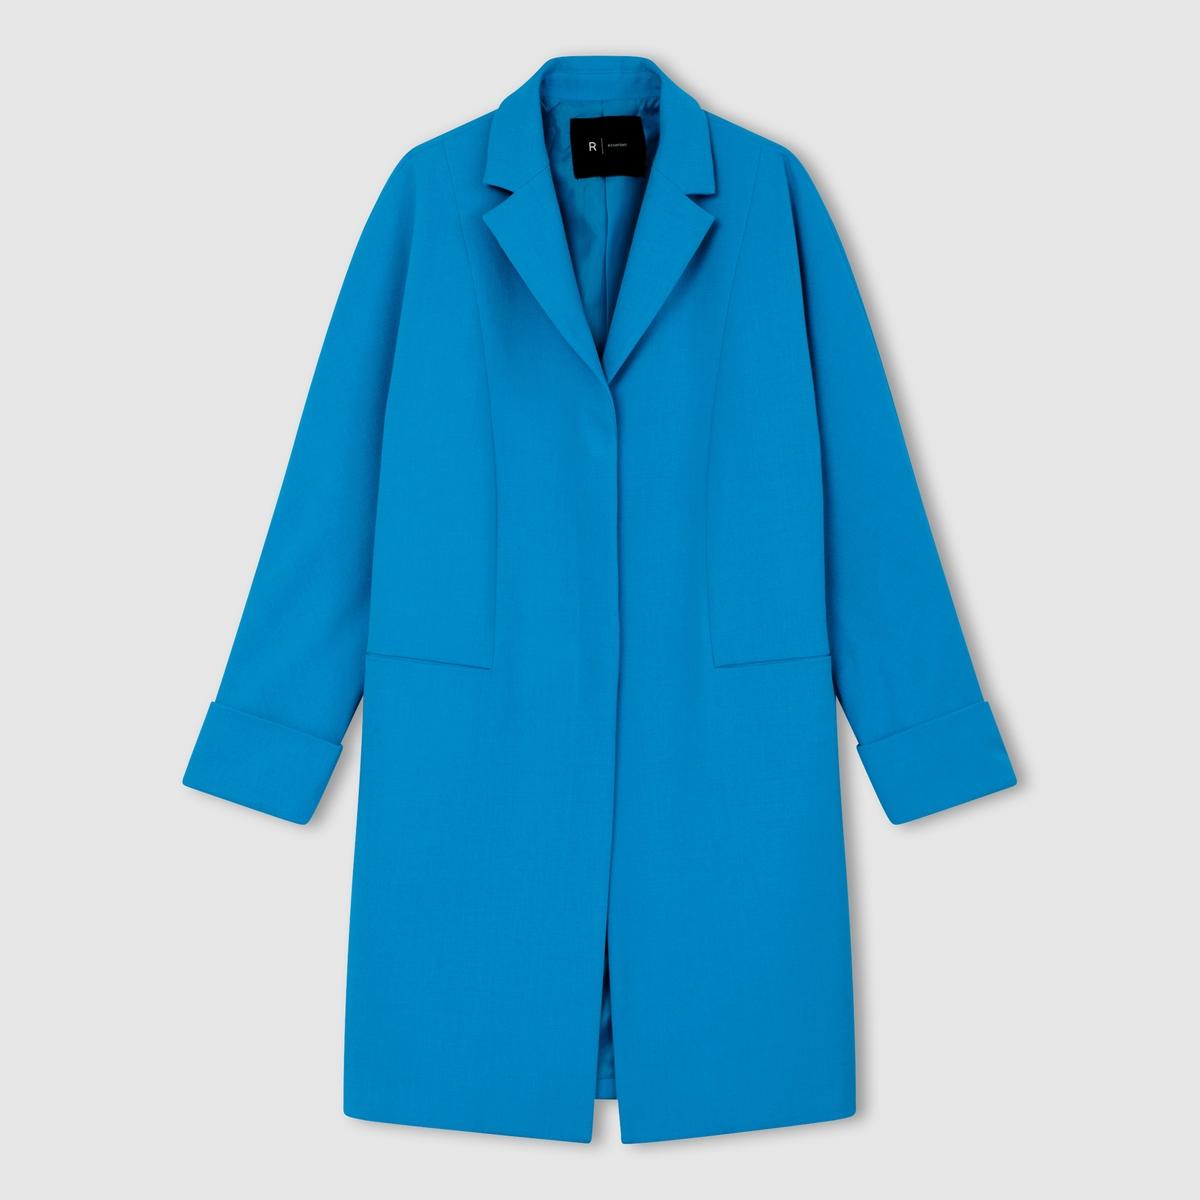 Пальто каплеобразной формыПальто каплеобразной формы, широкий покрой. 60% полиэстера, 36% вискозы, 4% эластана . Подкладка из 100% полиэстера. 2 кармана спереди. Рукава с отворотами. Длина 95 см.<br><br>Цвет: красный,ярко-синий<br>Размер: 46 (FR) - 52 (RUS).36 (FR) - 42 (RUS)